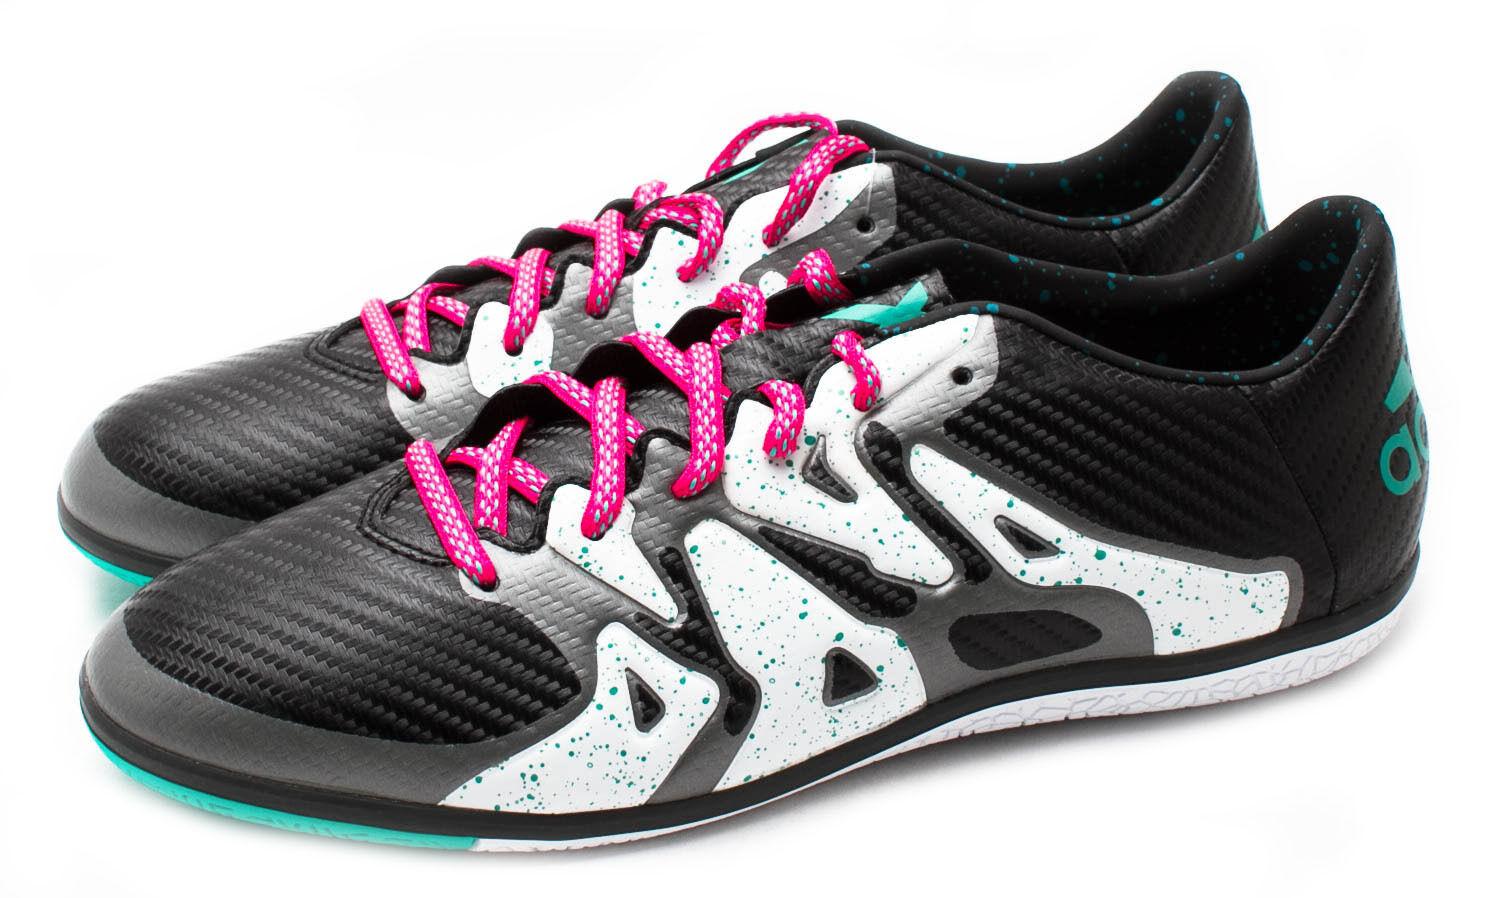 Adidas Para Hombre X 15.3 en calzado de S78182 fútbol indoor S78182 de Negro/choque Menta dc7792